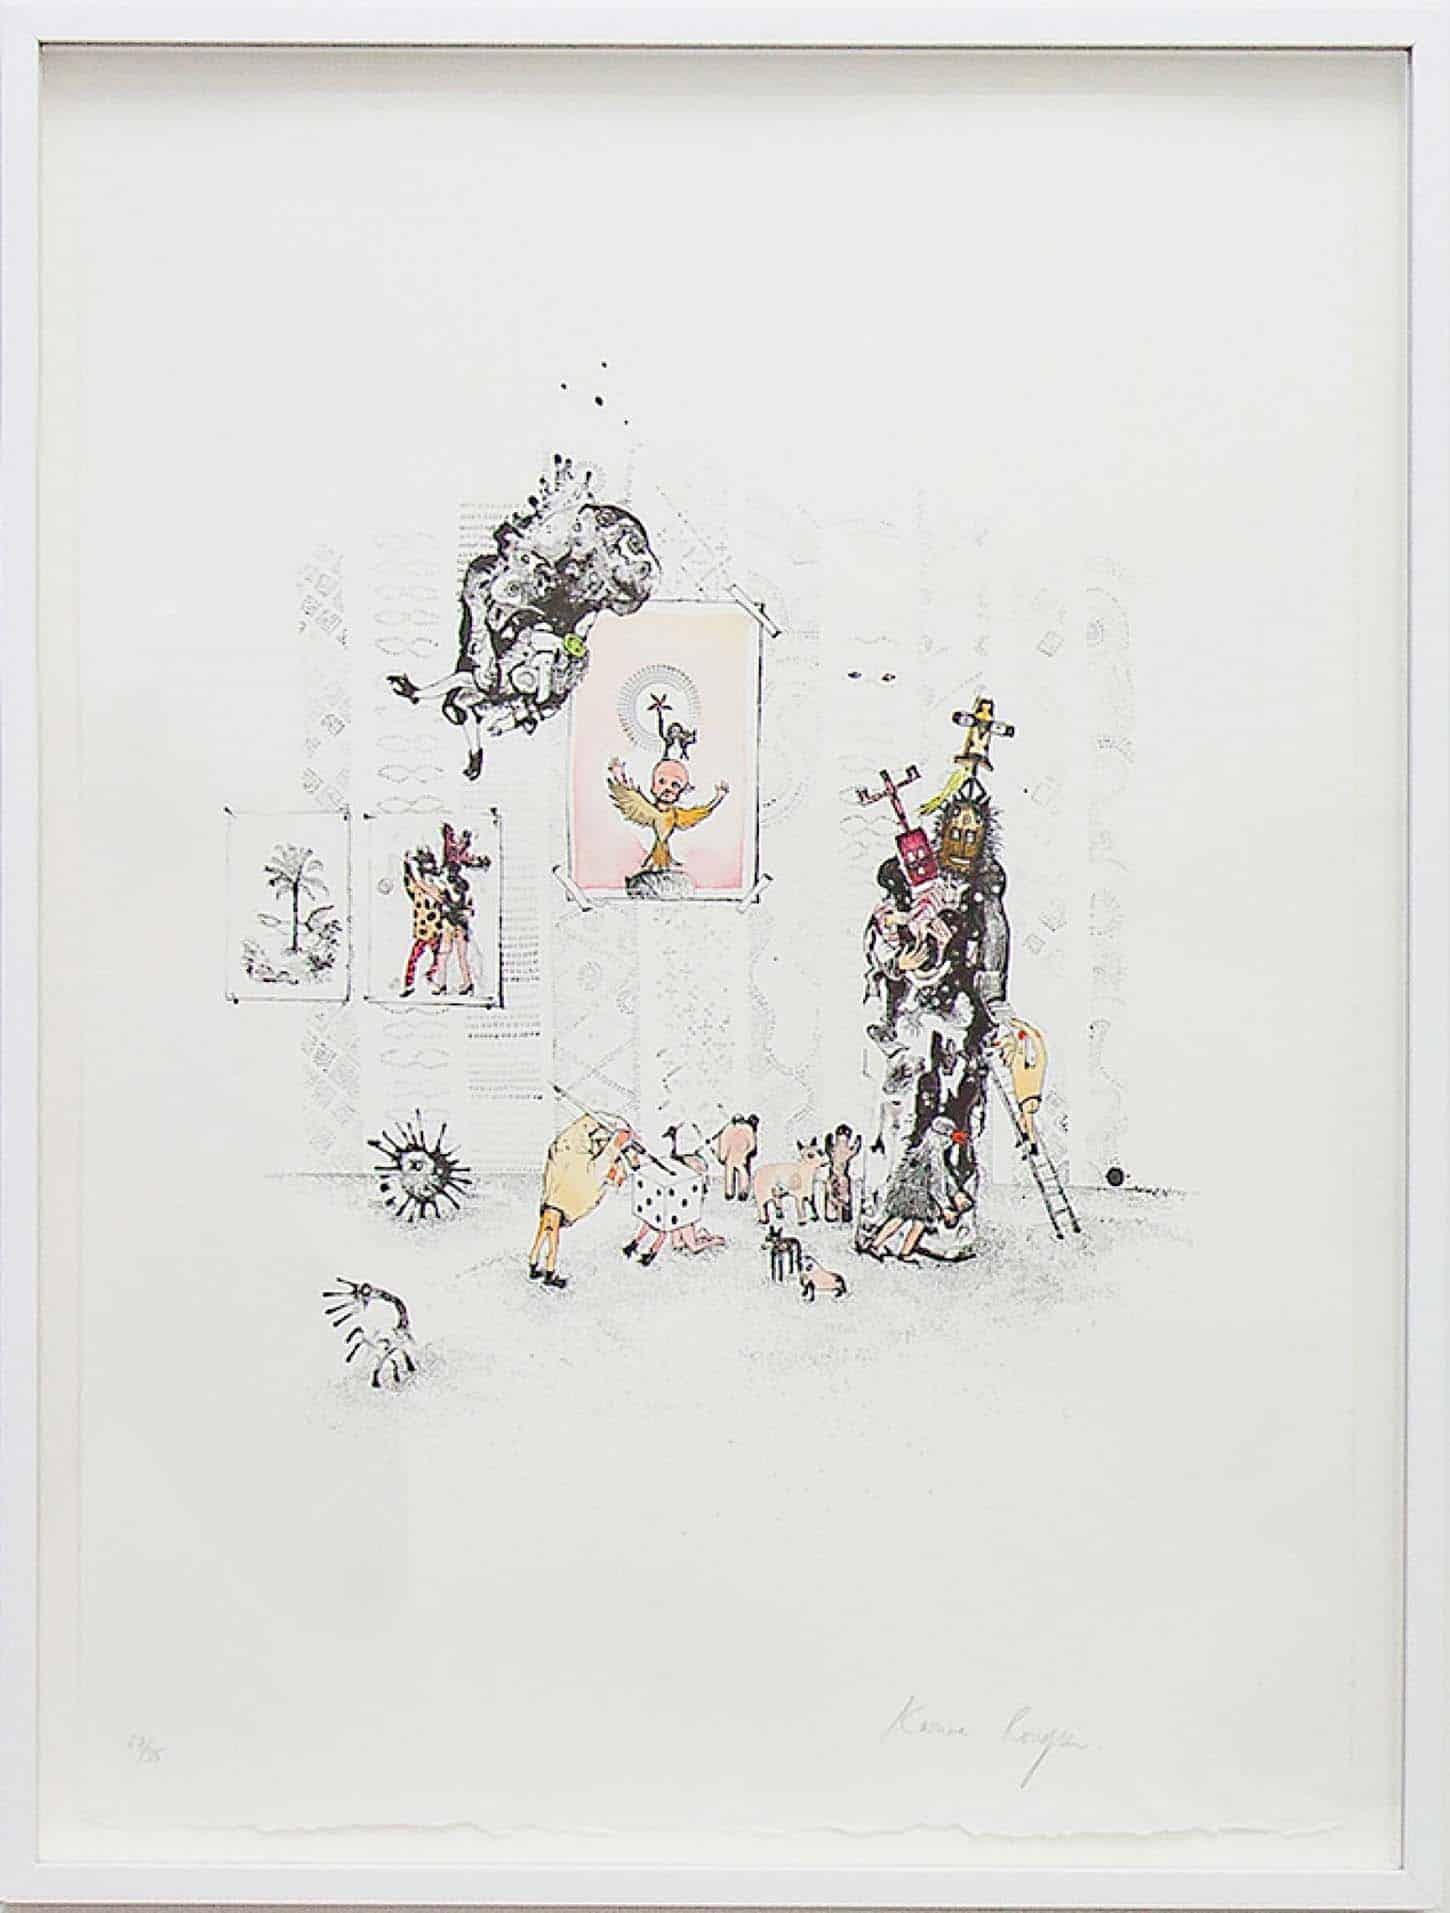 Espace A VENDRE: Exposition collection, Editions.  Karine Rougier Série La fenêtre, 2016 lithographie réhaussée à l'aquarelle, tampon, gouache et collage